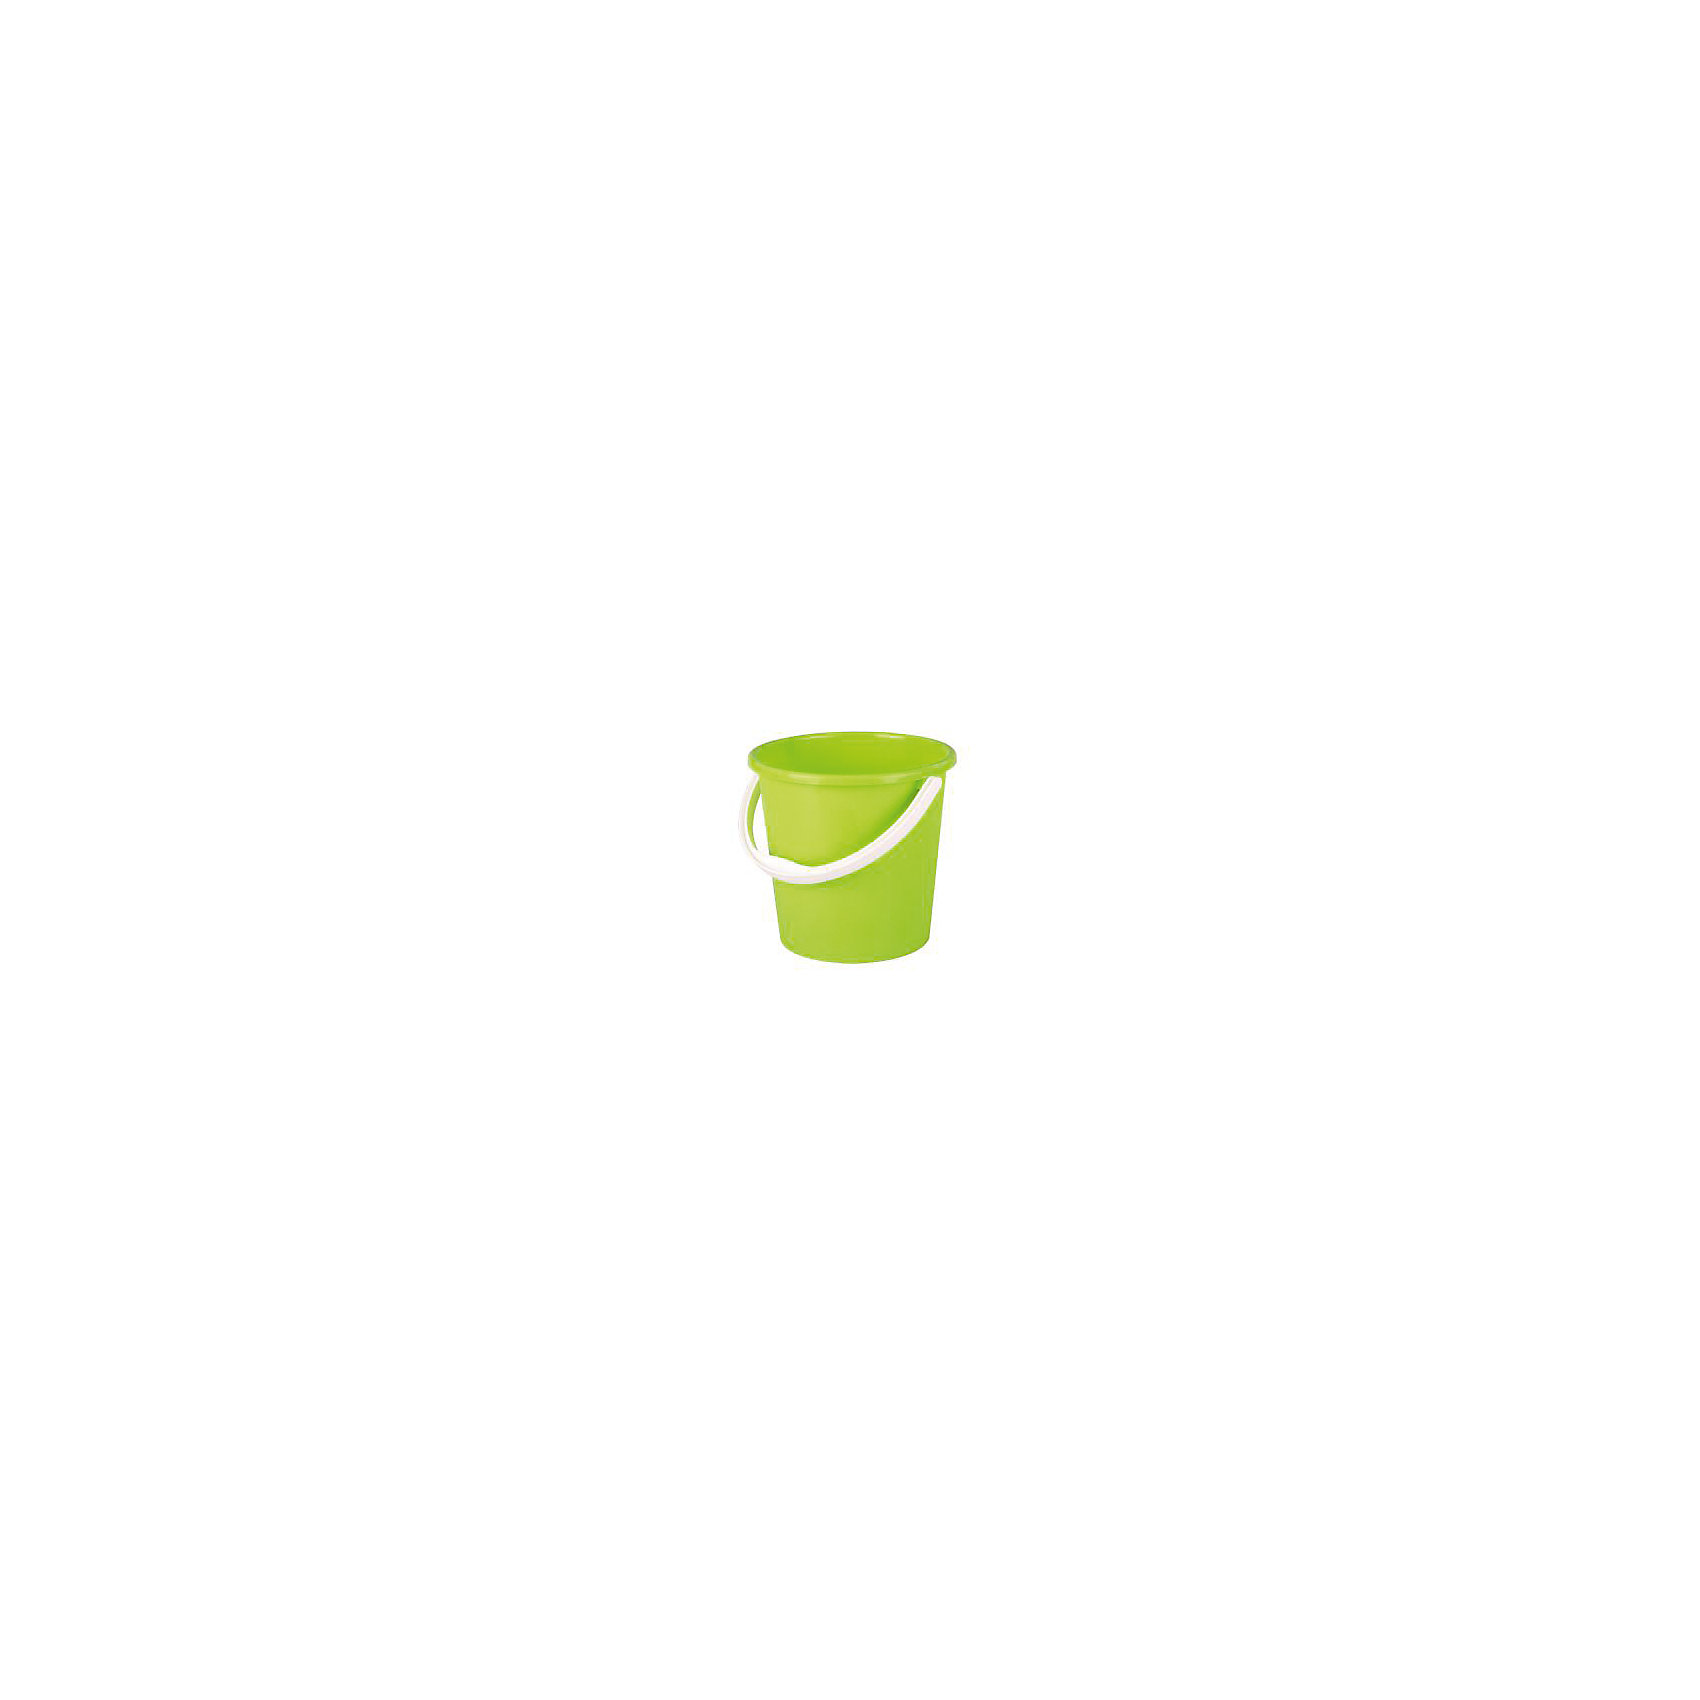 Ведро 3л, Alternativa, салатовый